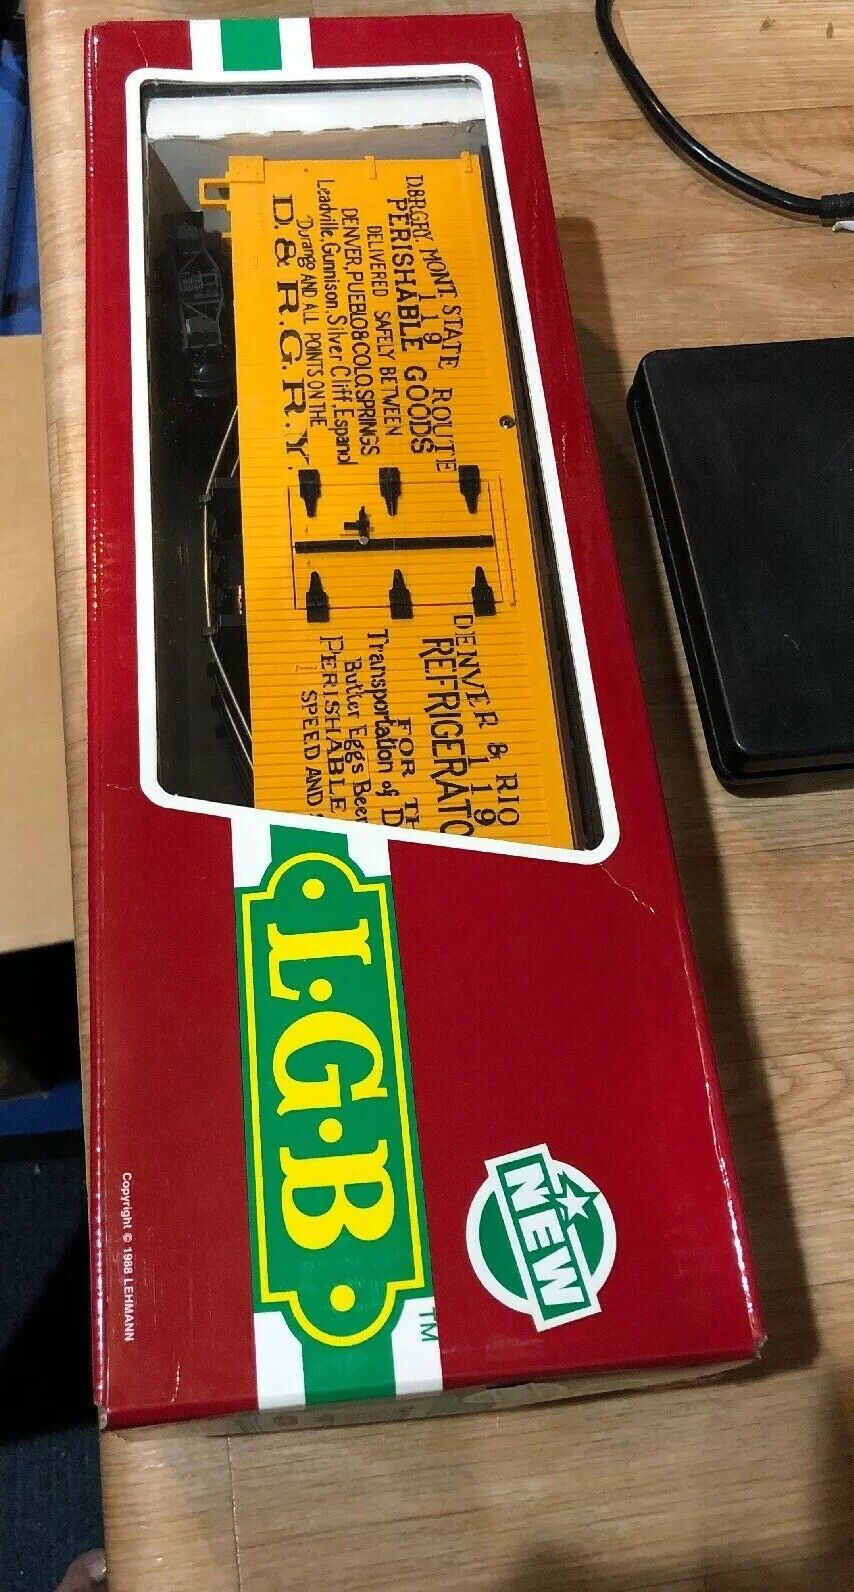 descuento de ventas en línea C) LGB 4175 Denver Rio Grande 119 artículos artículos artículos perecederos Coche Nuevo  punto de venta en línea